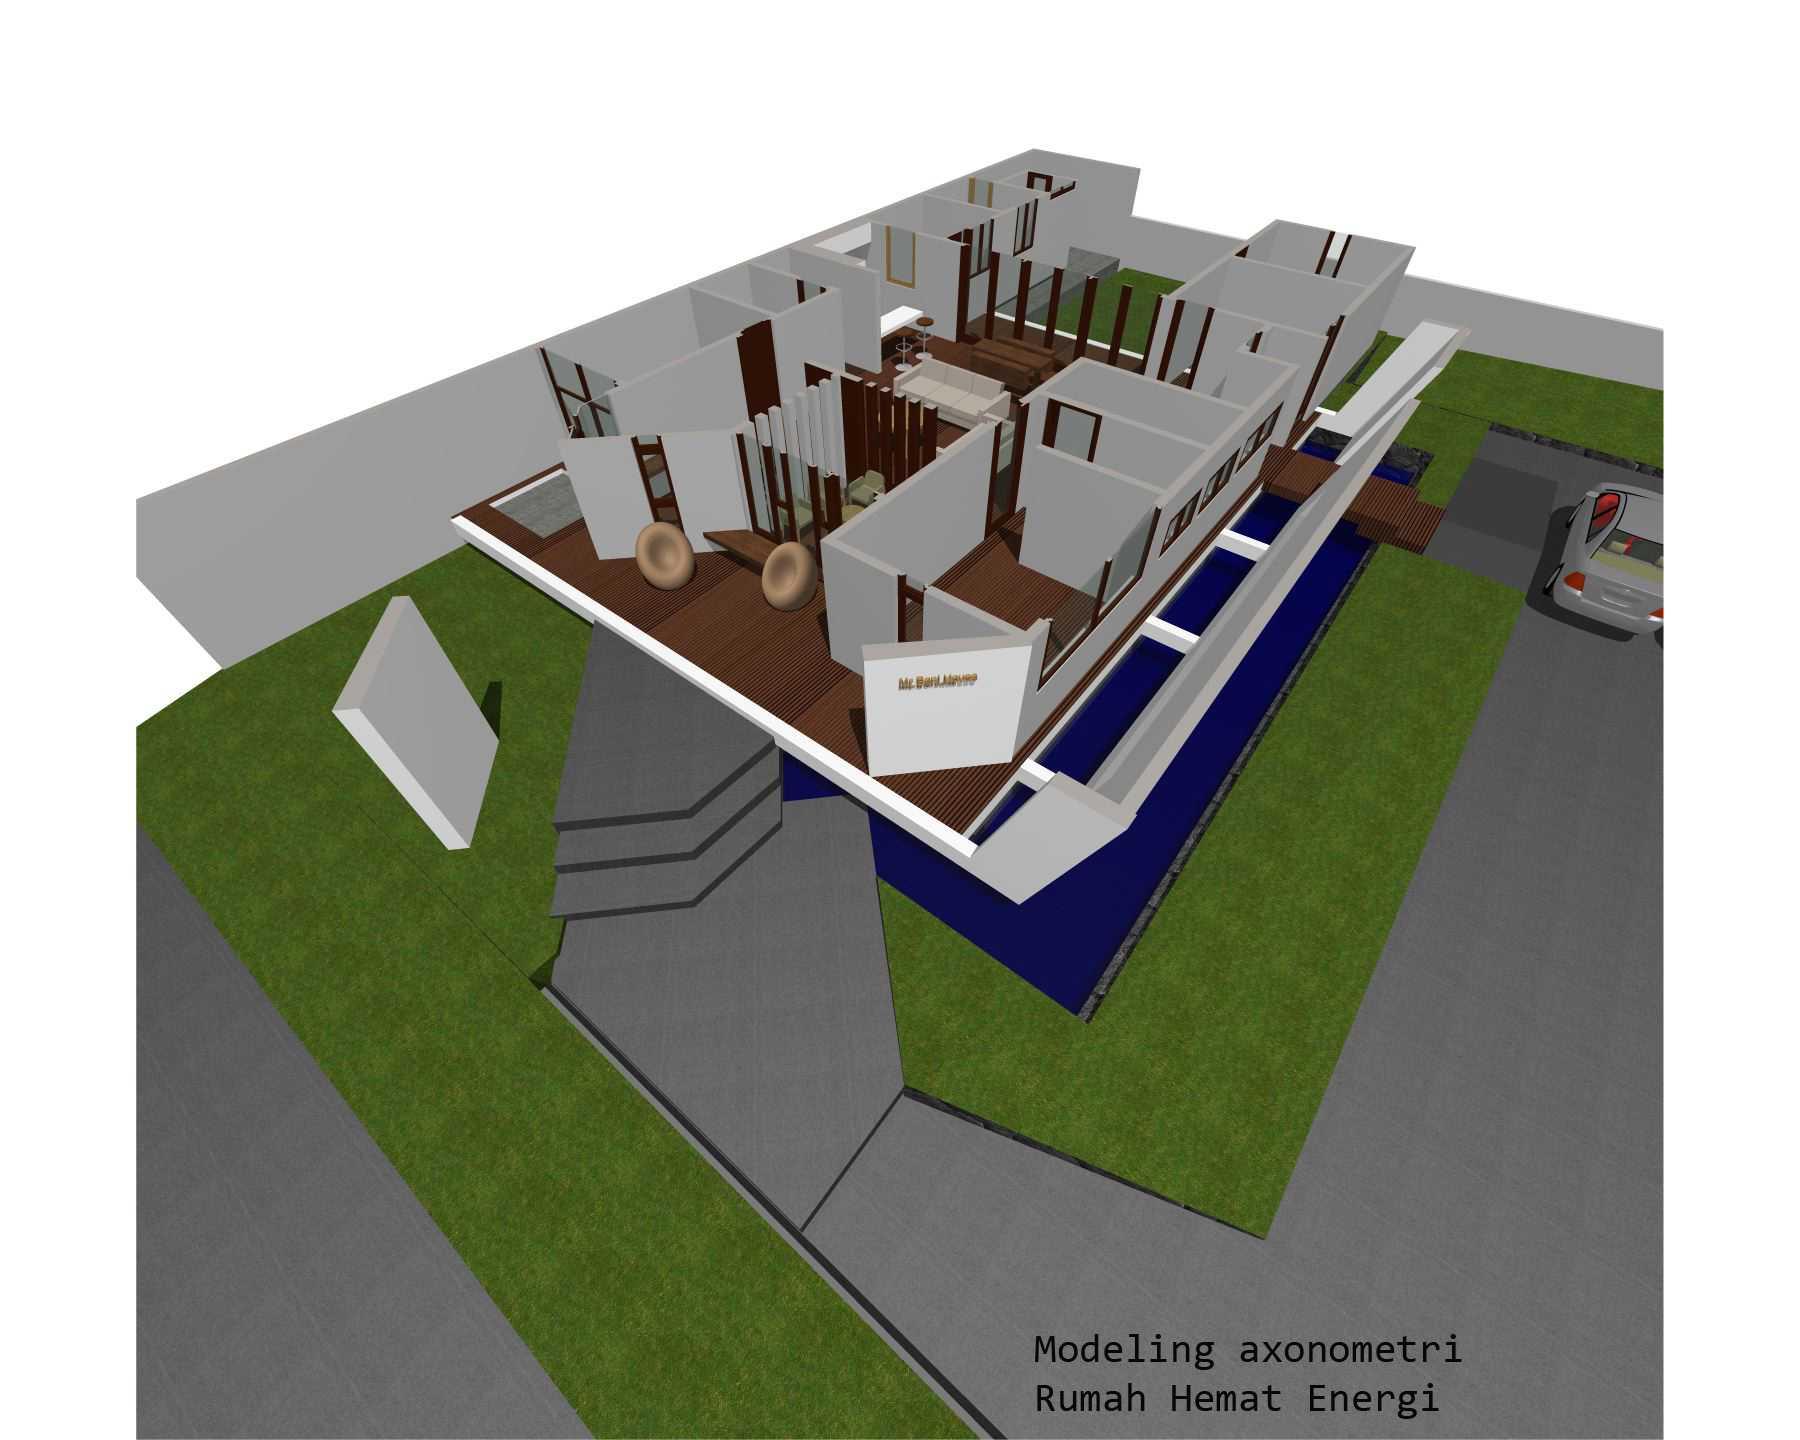 Roni Desain Rumah Hemat Energi  Sulawesi Selatan, Indonesia Sulawesi Selatan, Indonesia Roni-Desain-Rumah-Hemat-Energi-  59905